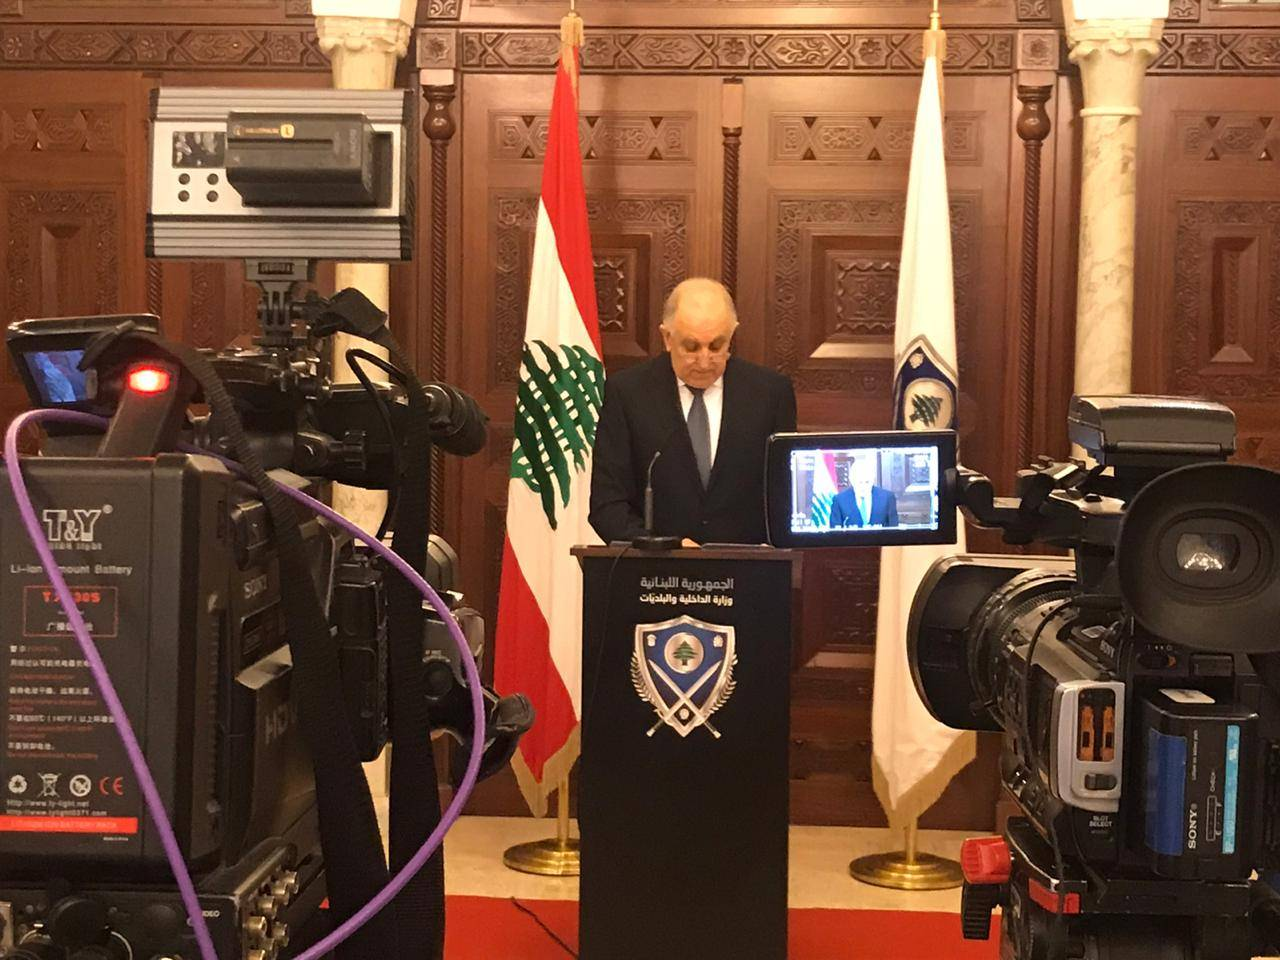 ما صحة اطلاق وزارة الداخلية يوم تلقيح مجاني مفتوح؟